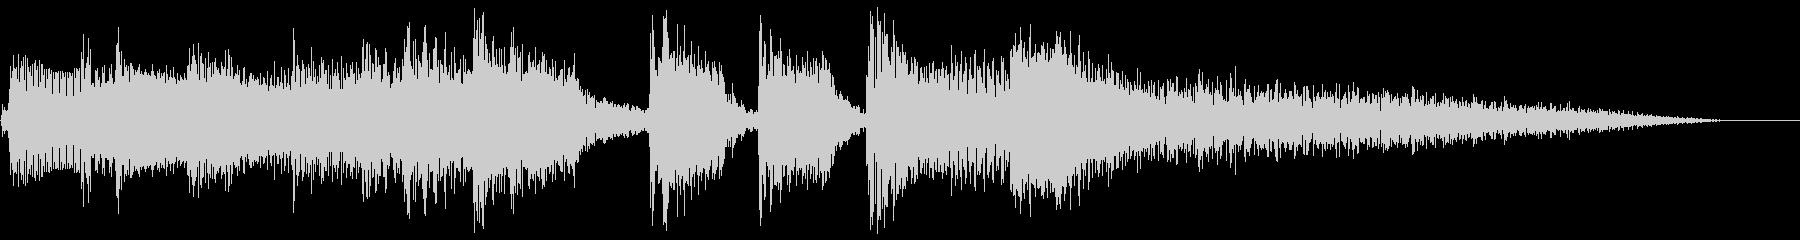 アコギ主体の穏やかなジングルの未再生の波形